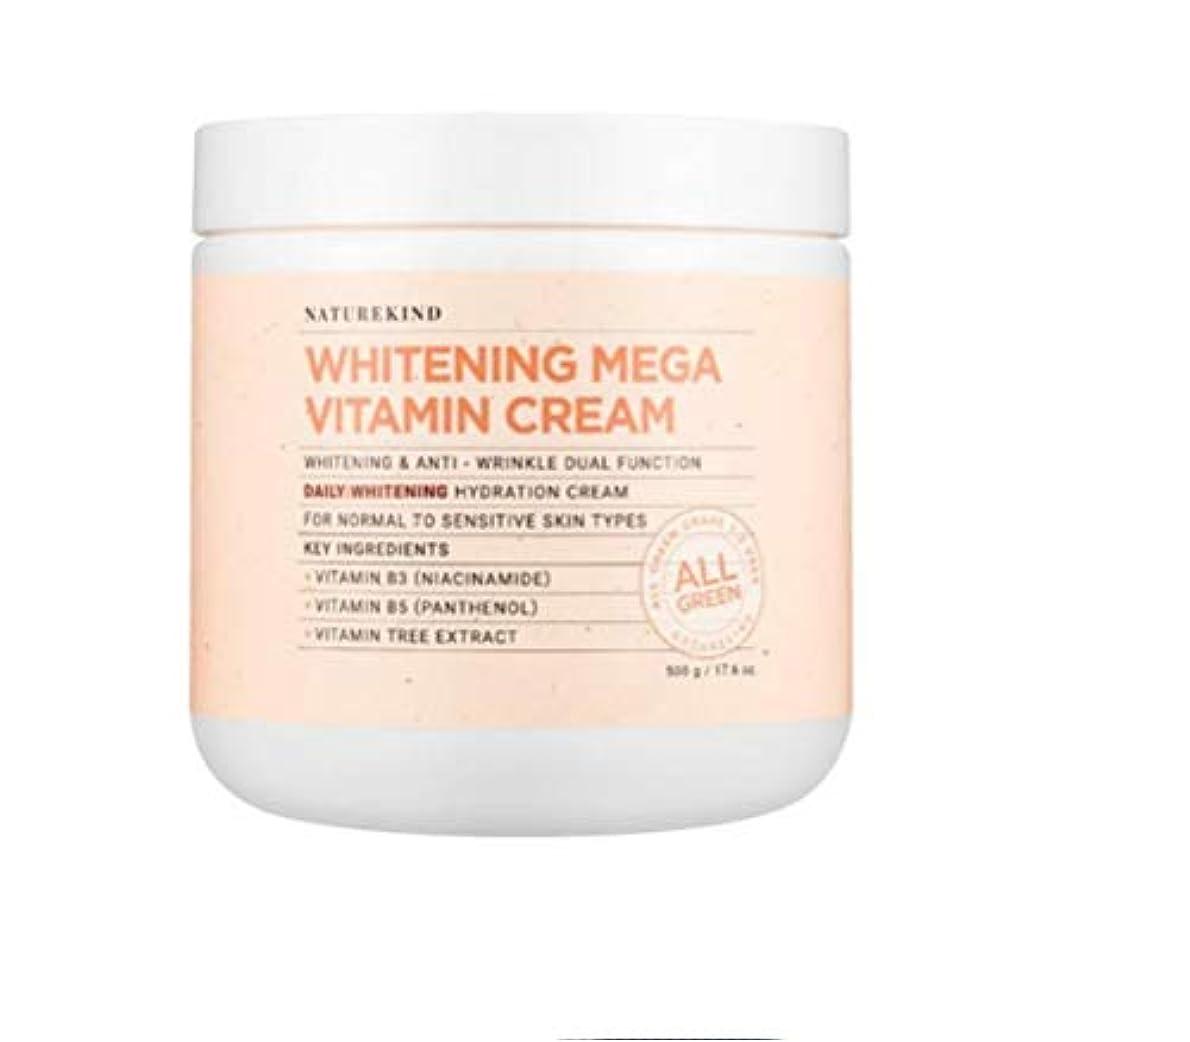 ジョブキウイスカリーNATUREKIND MEGA VITAMIN CREAM ネイチャーカインド高濃縮ビタミン水分保湿クリーム大容量500g(並行輸入品)